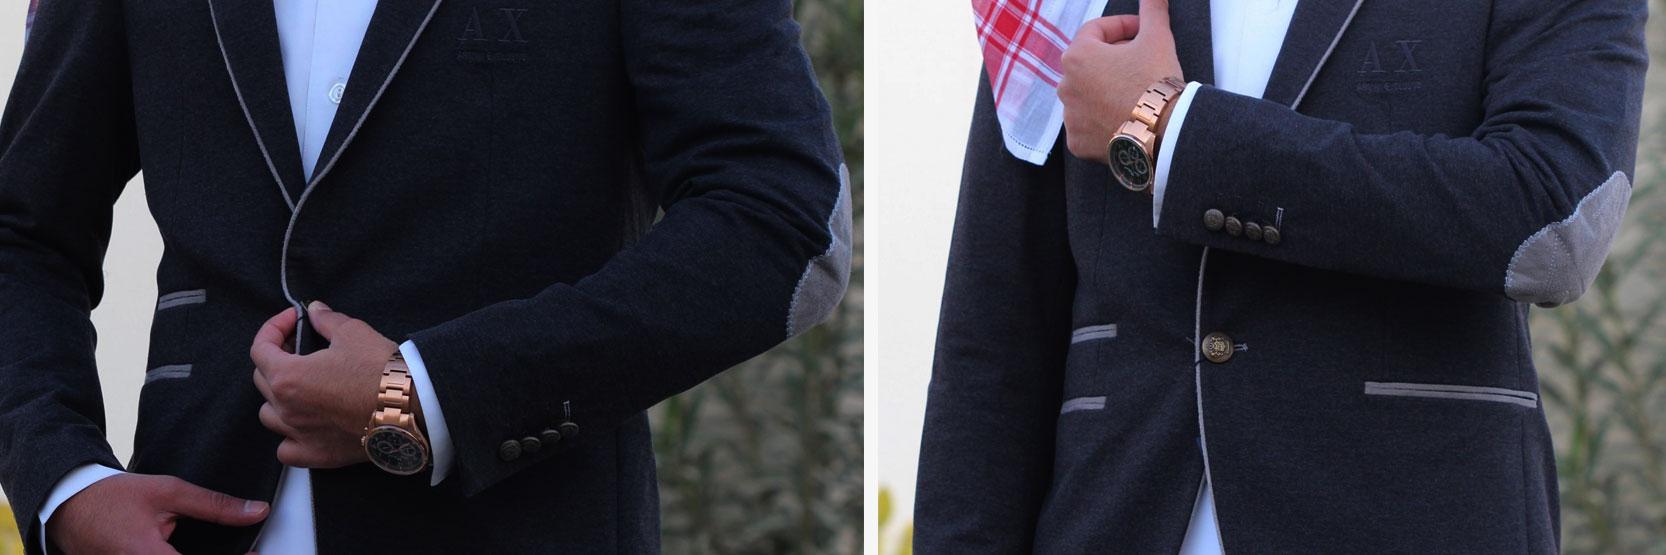 8e1e3ec8b جاكيت رسمي رجالي على الثوب السعودي تناسب اطلالتك لفصل الشتاء